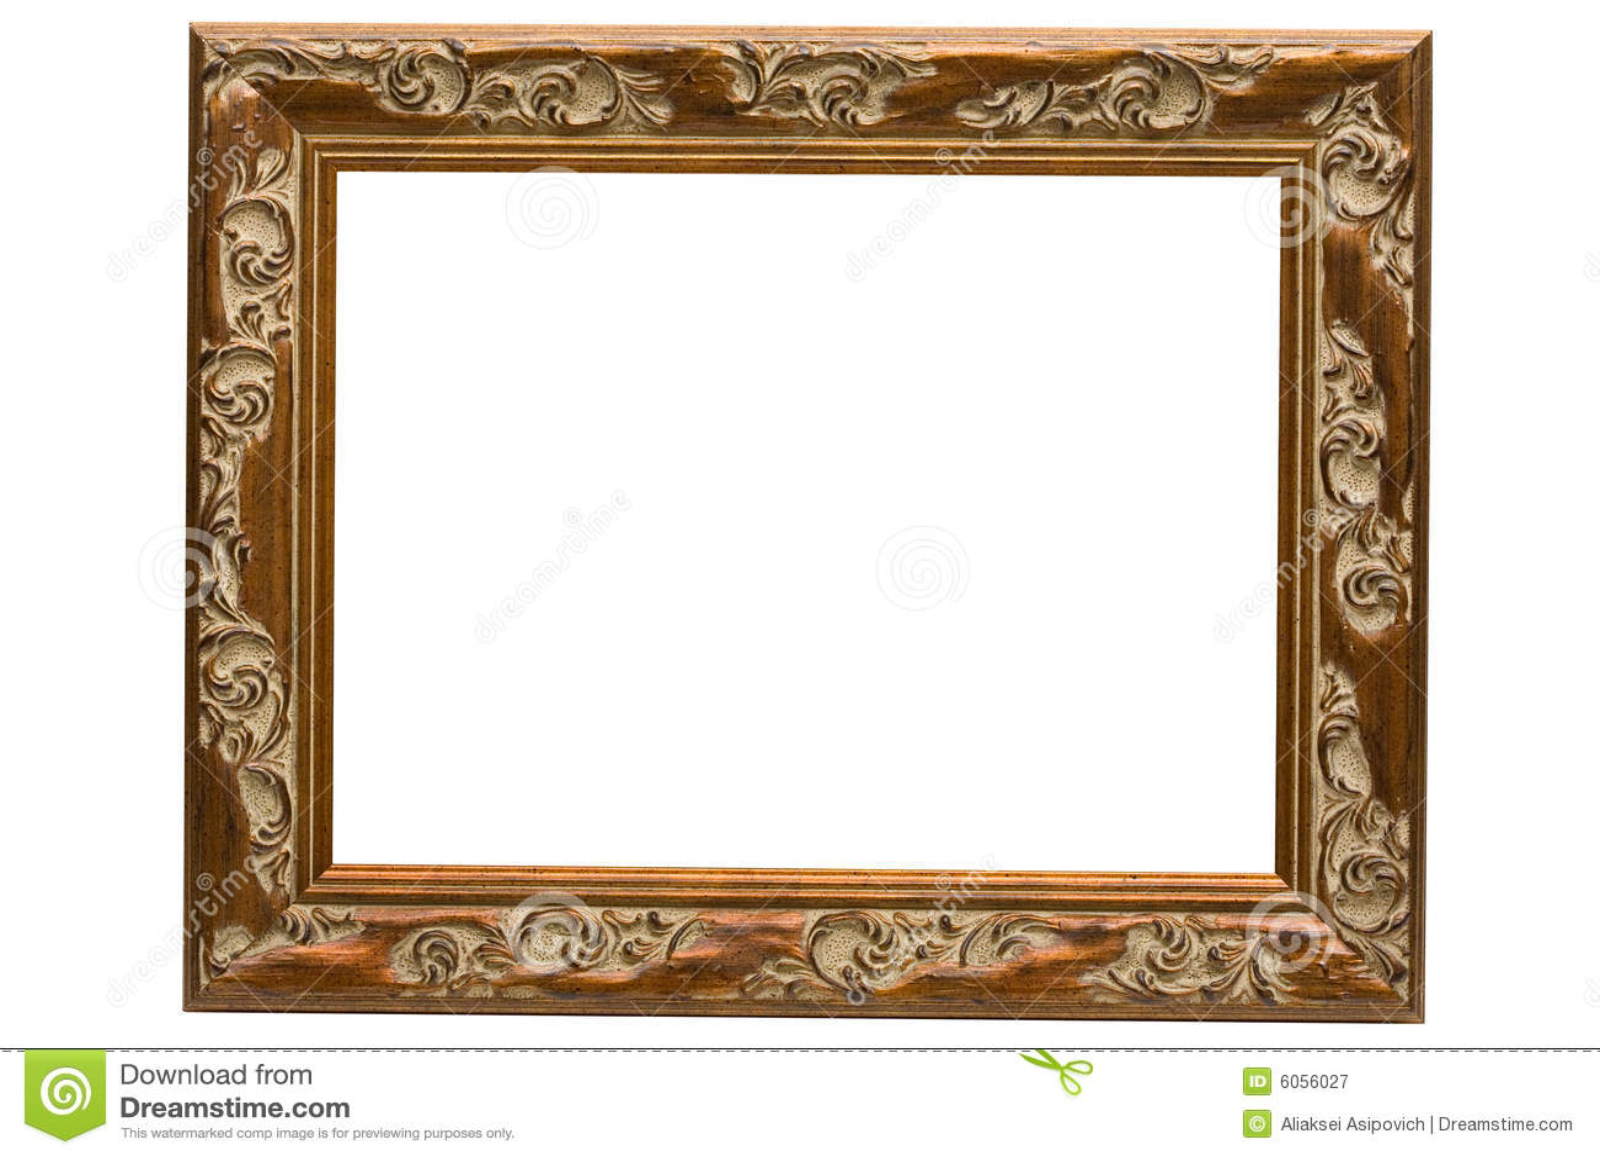 Vintage Wood Frame : Vintage Wood Frame : Antique Wood Frames